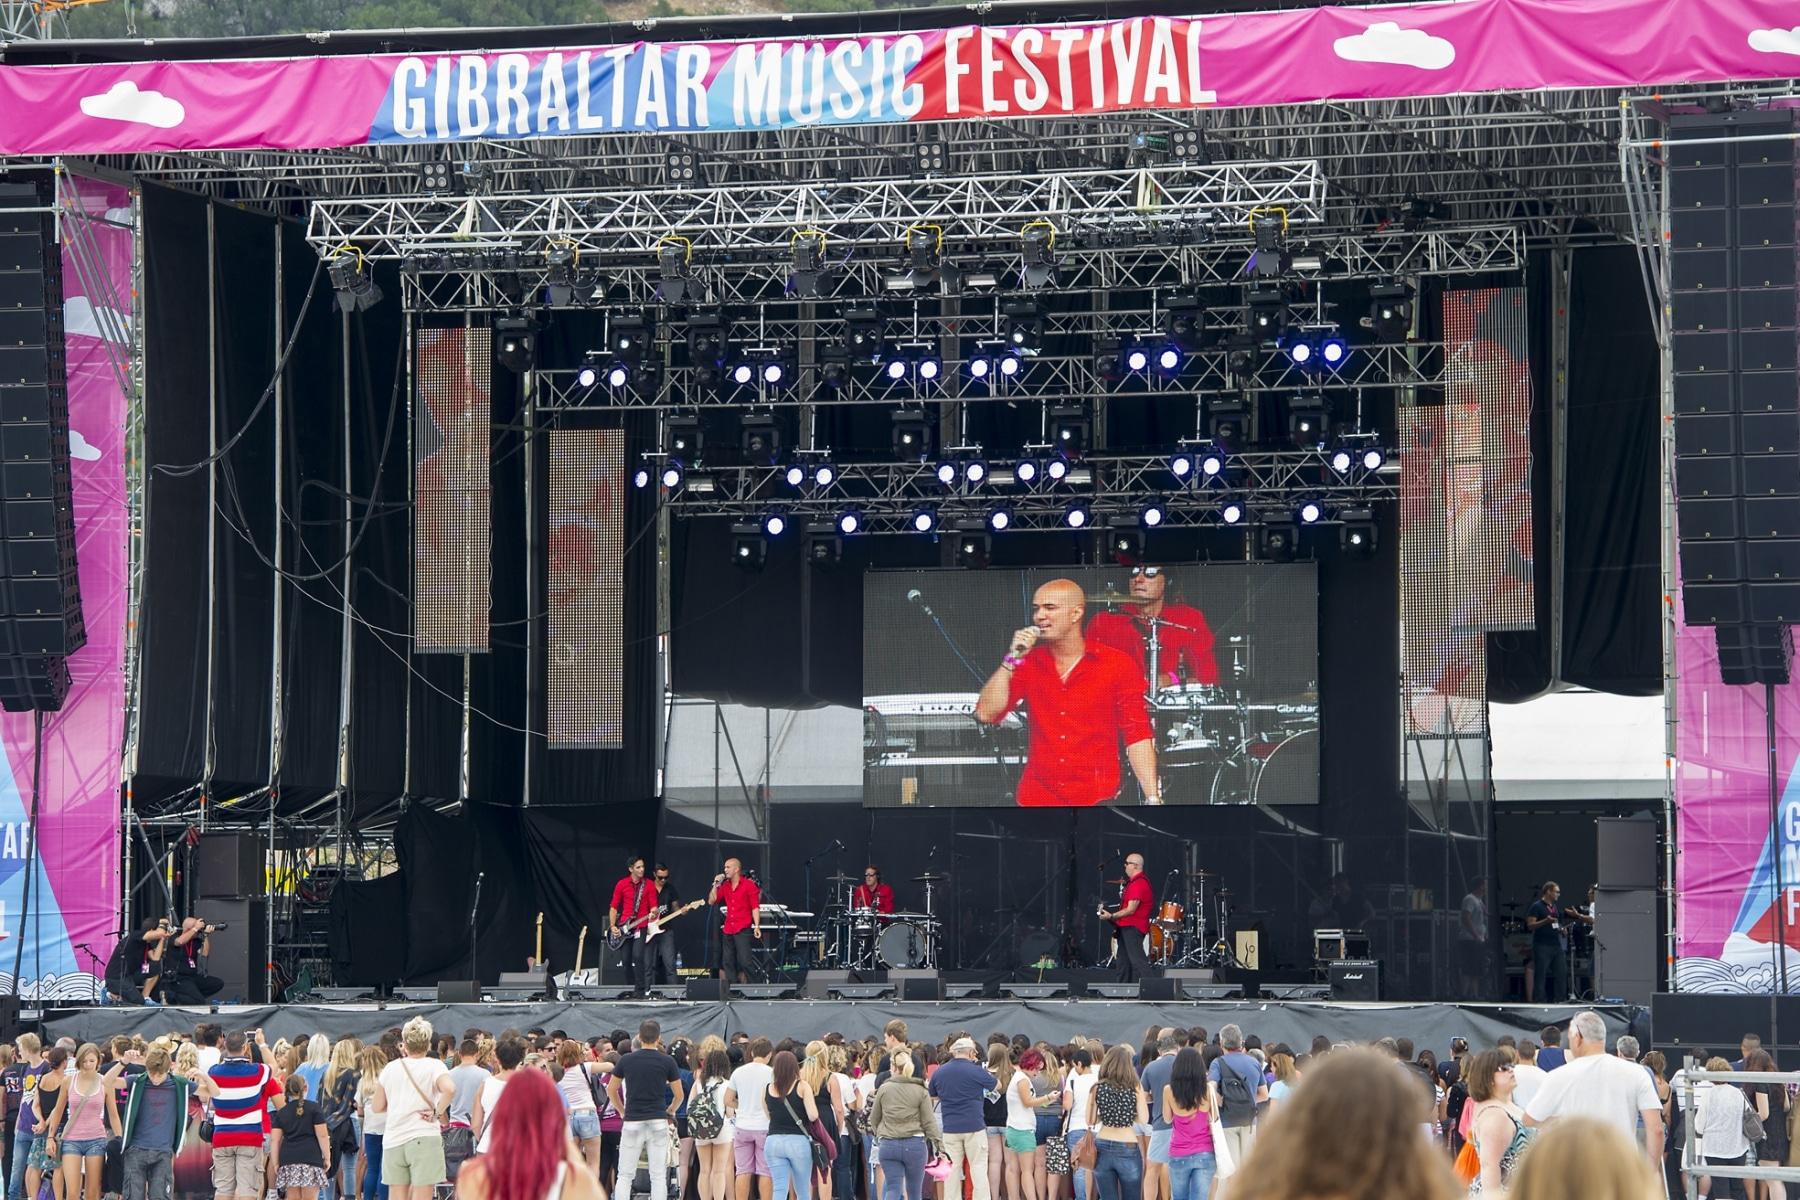 gibraltar-music-festival-2013-metro-motel_9703123916_o